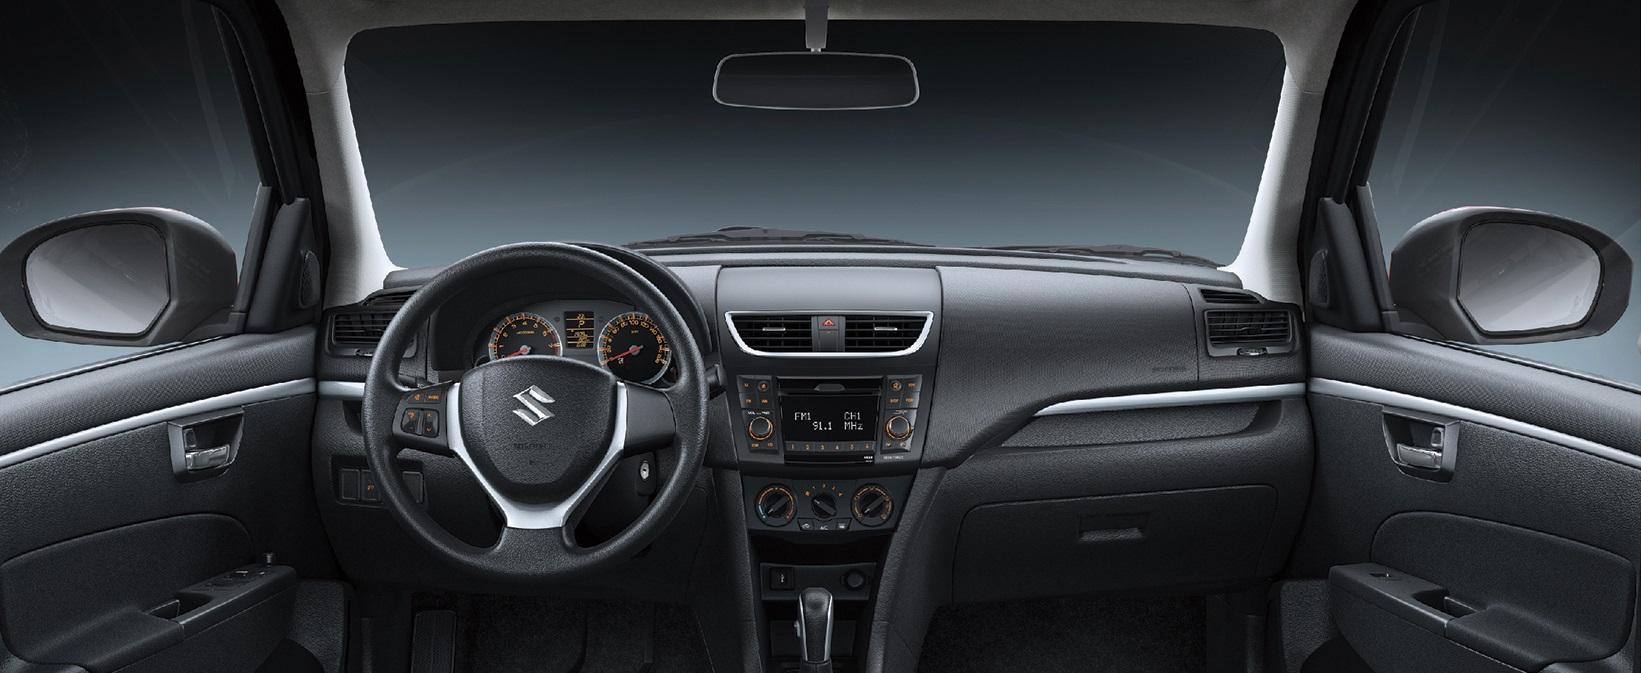 Philippines – Suzuki launches Swift 1.2 VVT variant